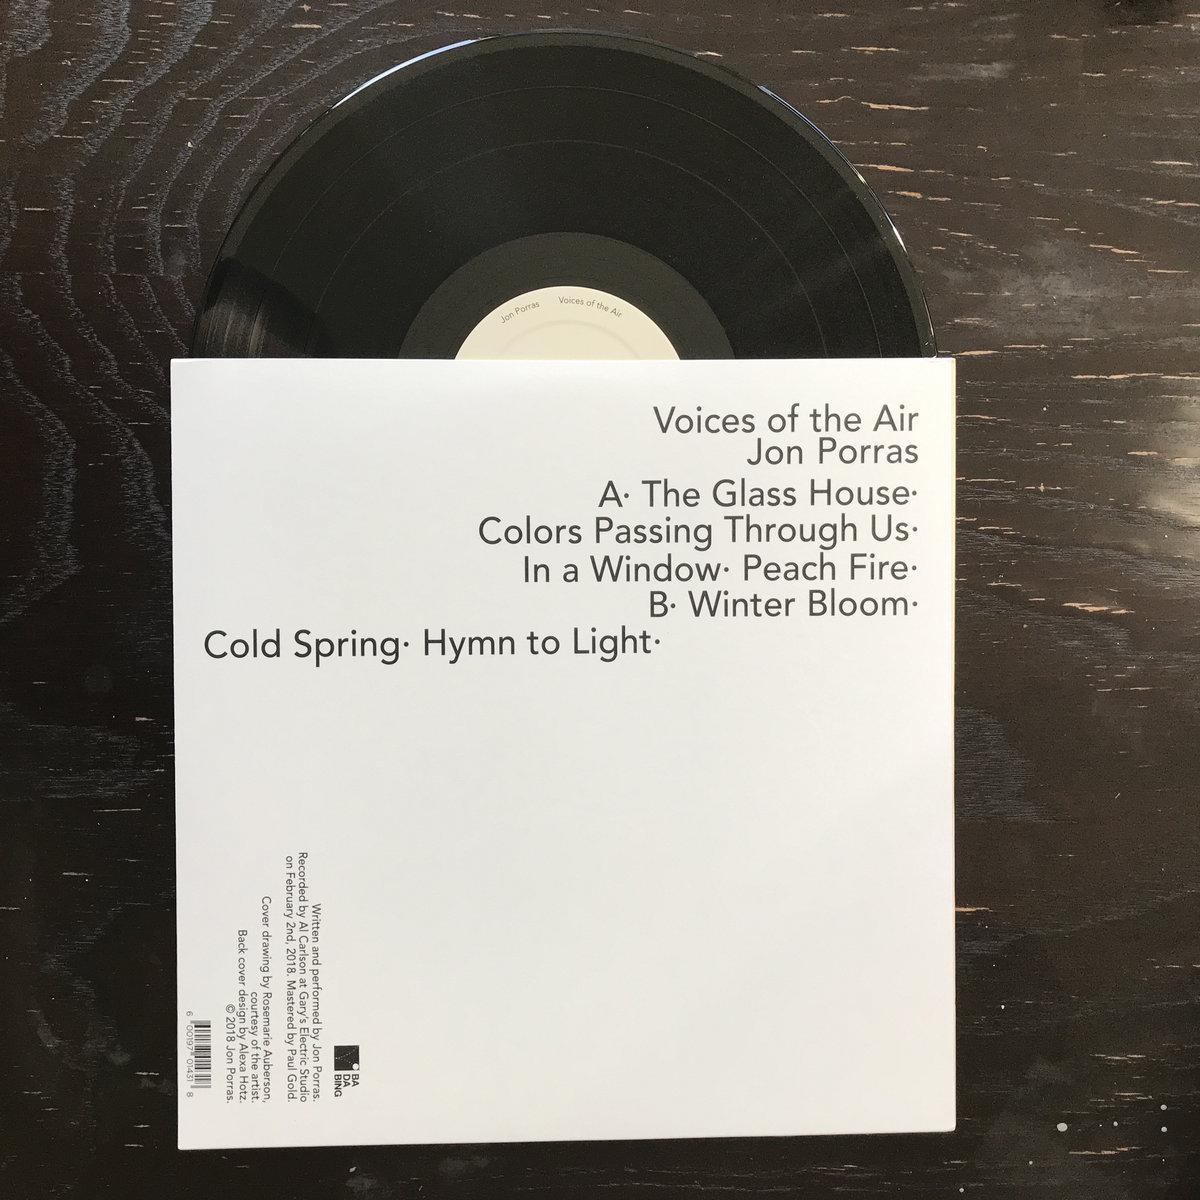 Voices of the Air | Ba Da Bing Records